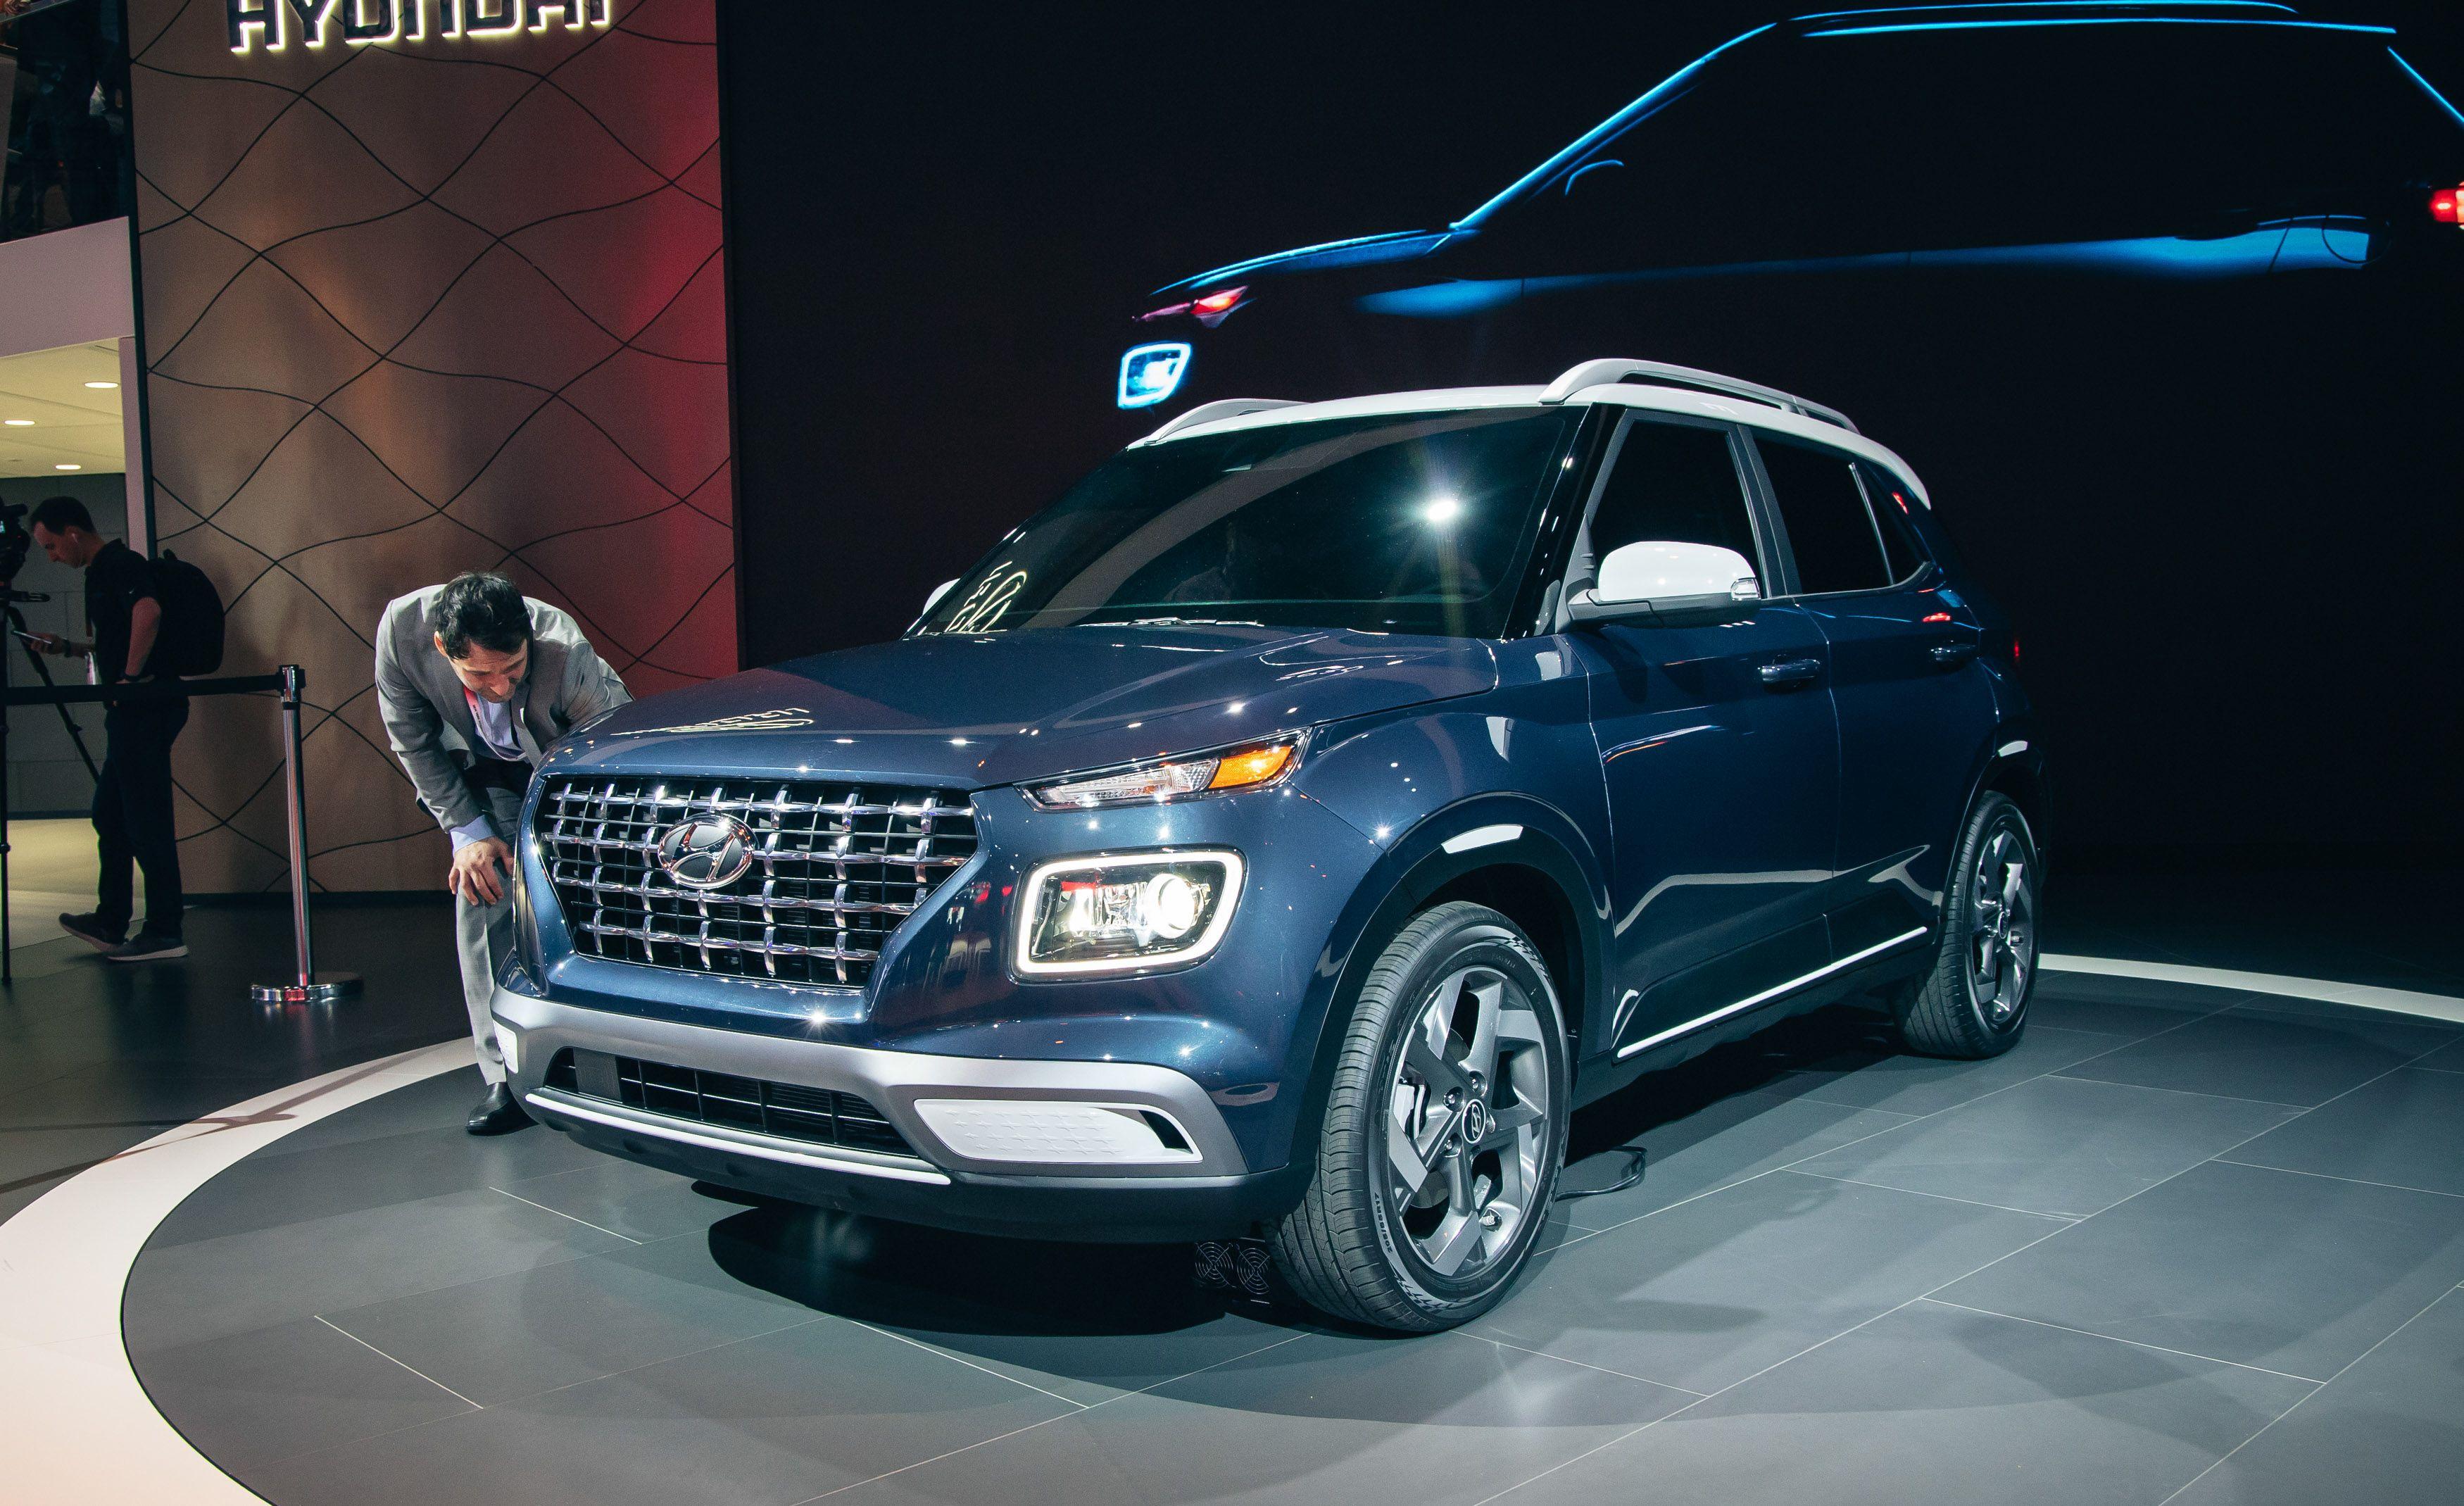 2020 Hyundai Venue Reviews | Hyundai Venue Price, Photos ...